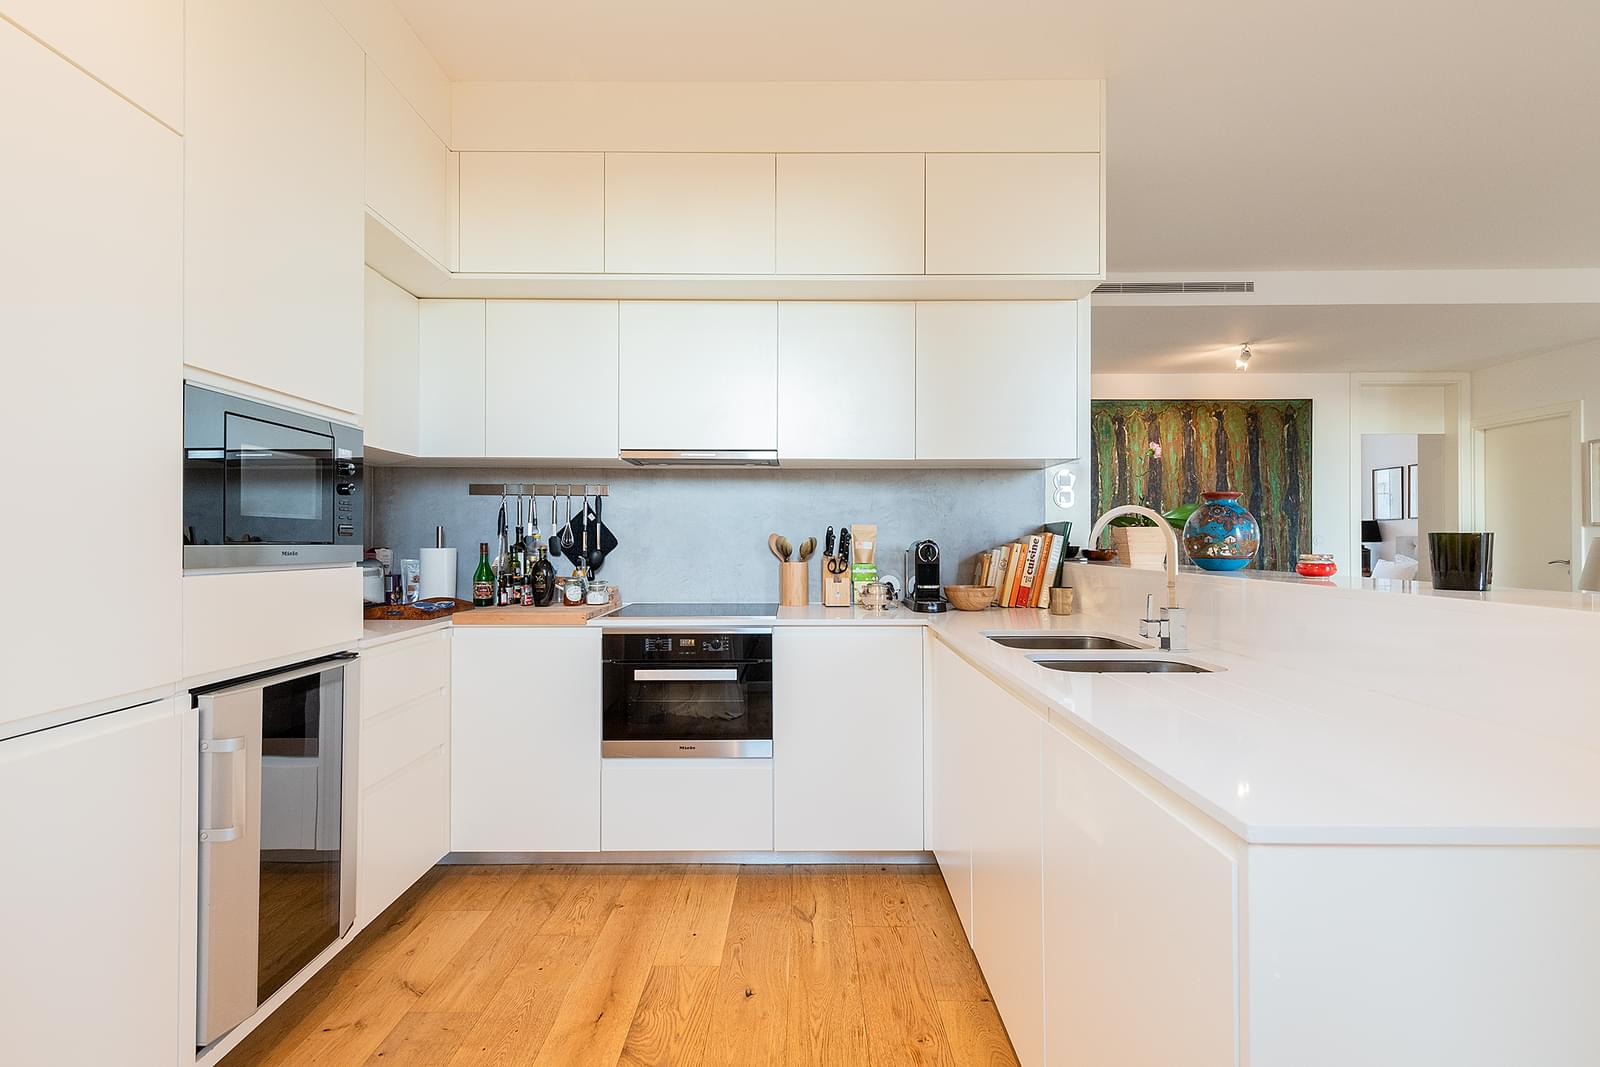 pf18824-apartamento-t2-1-lisboa-1f50d95d-83e7-403f-9714-3a56e60b8c53